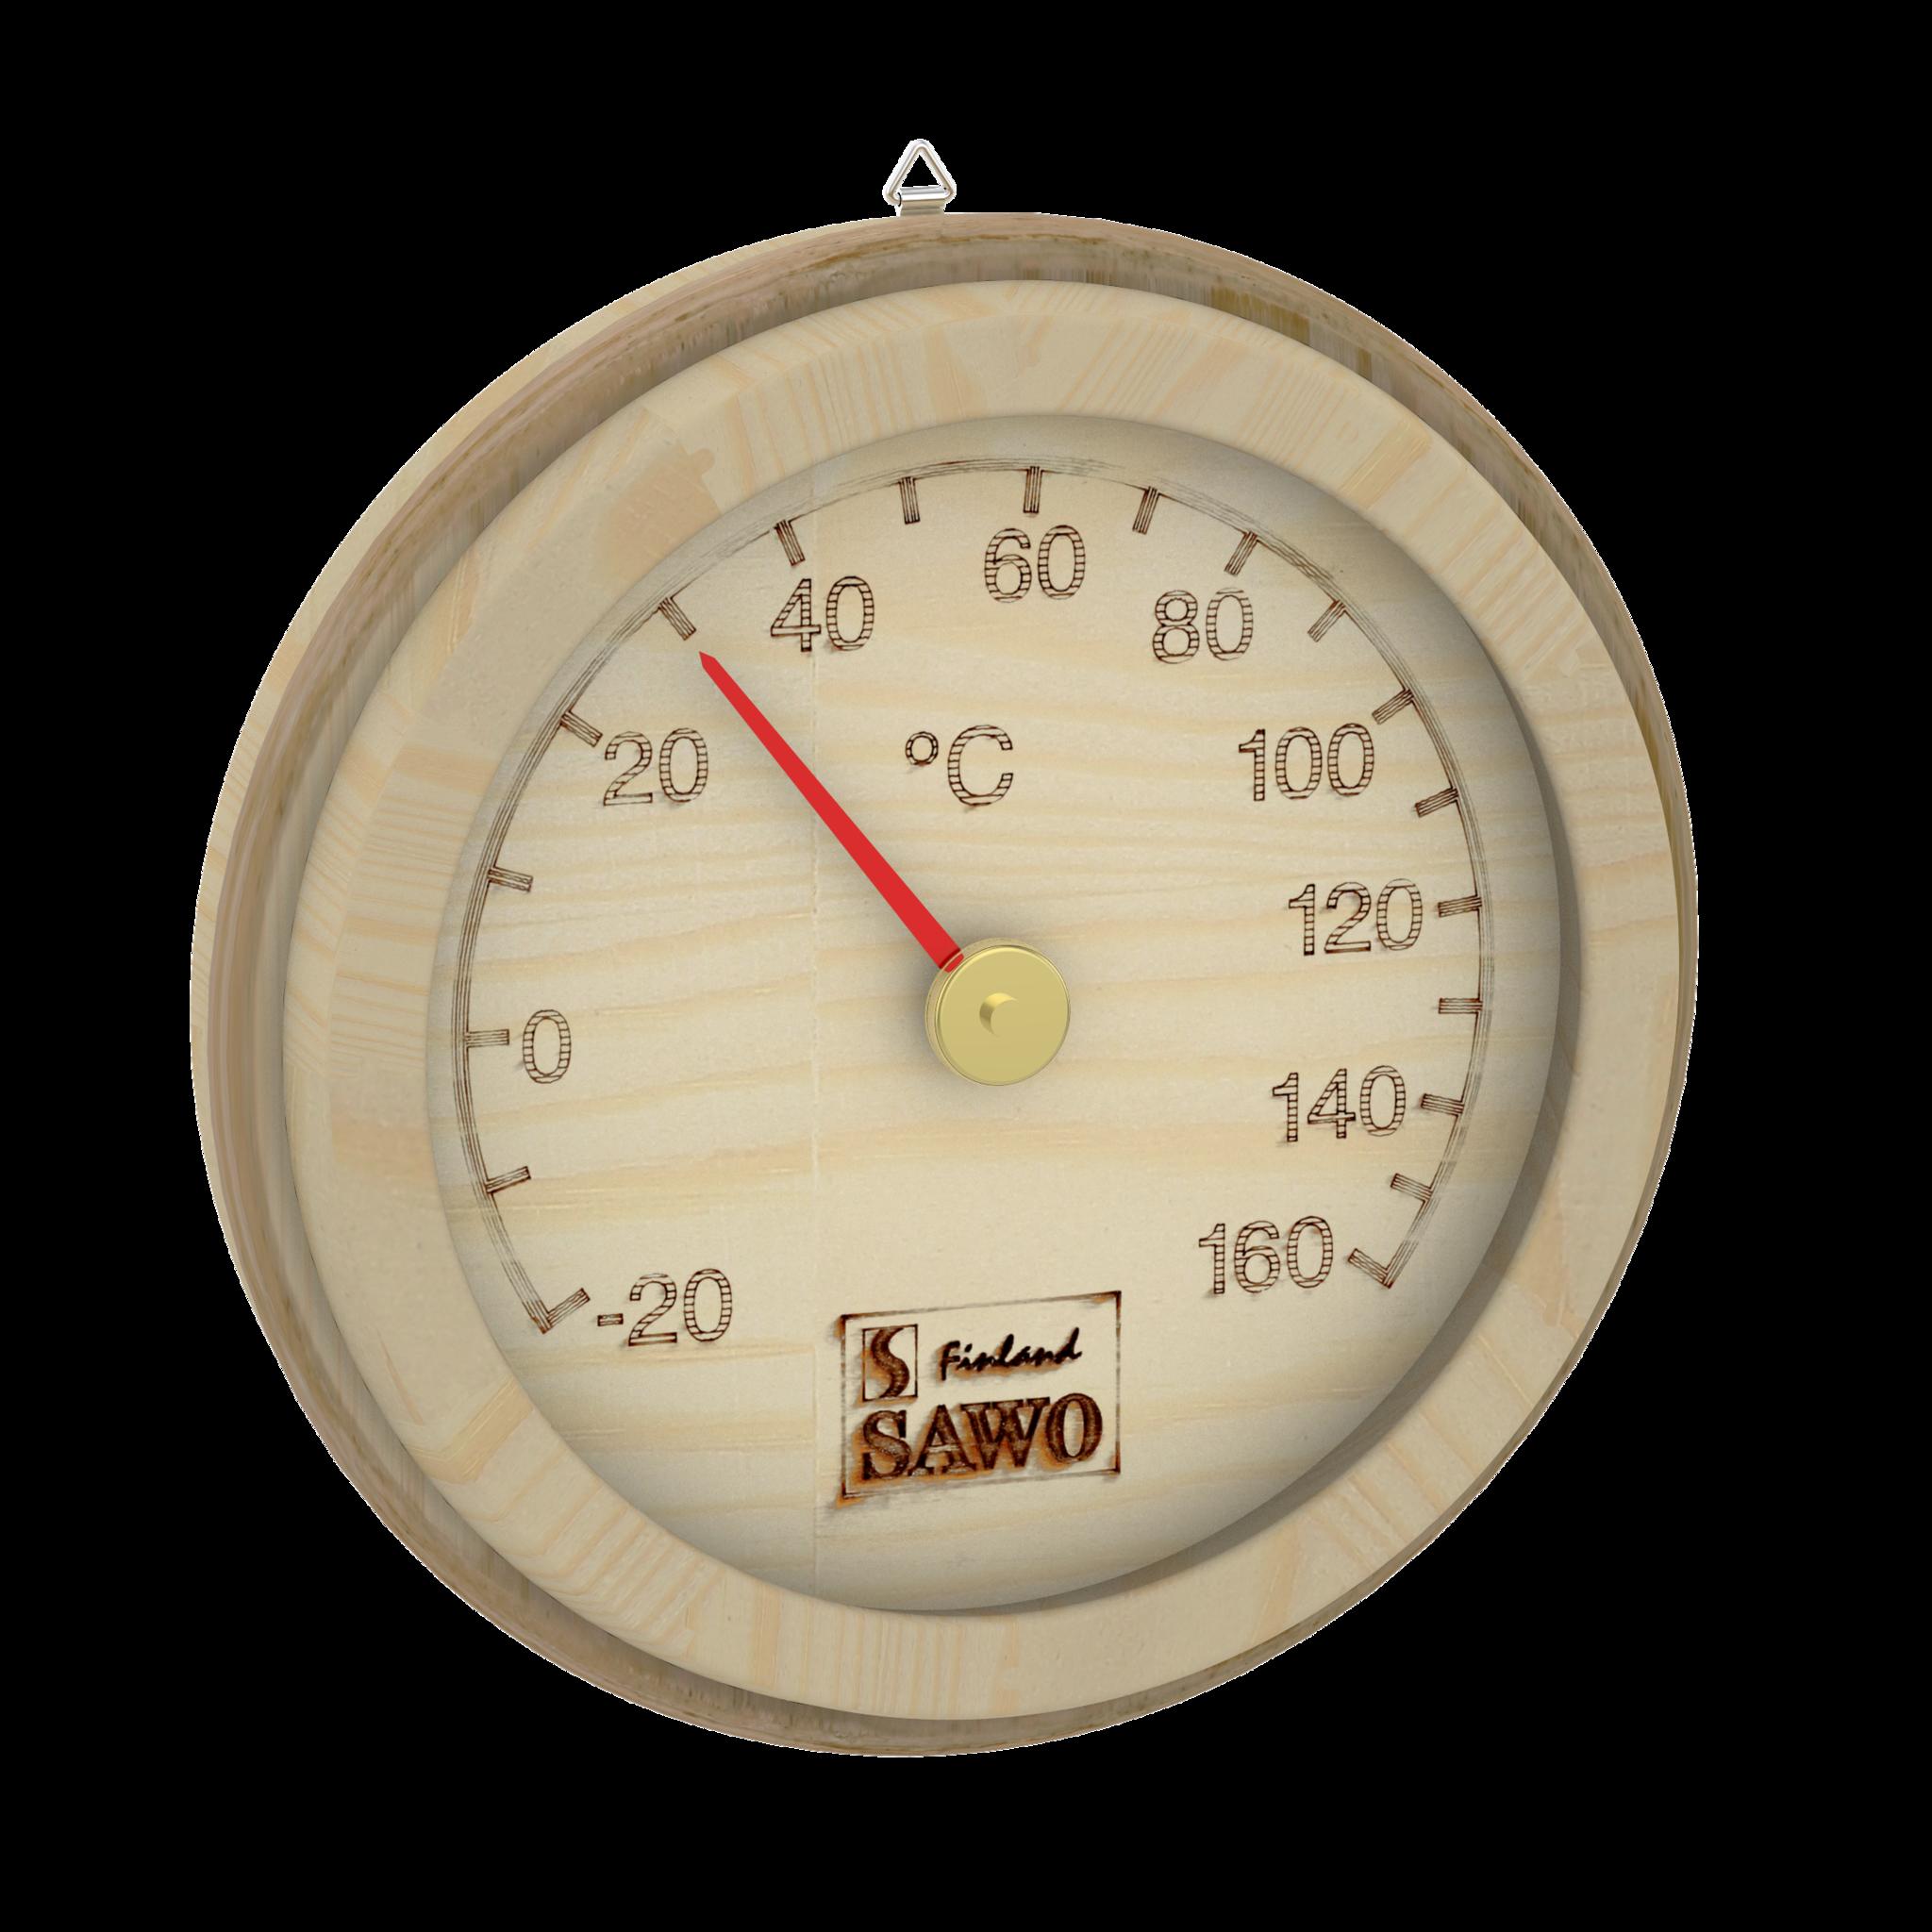 Термометры и гигрометры: Термометр SAWO 175-ТР термометры и гигрометры термометр sawo 175 тр